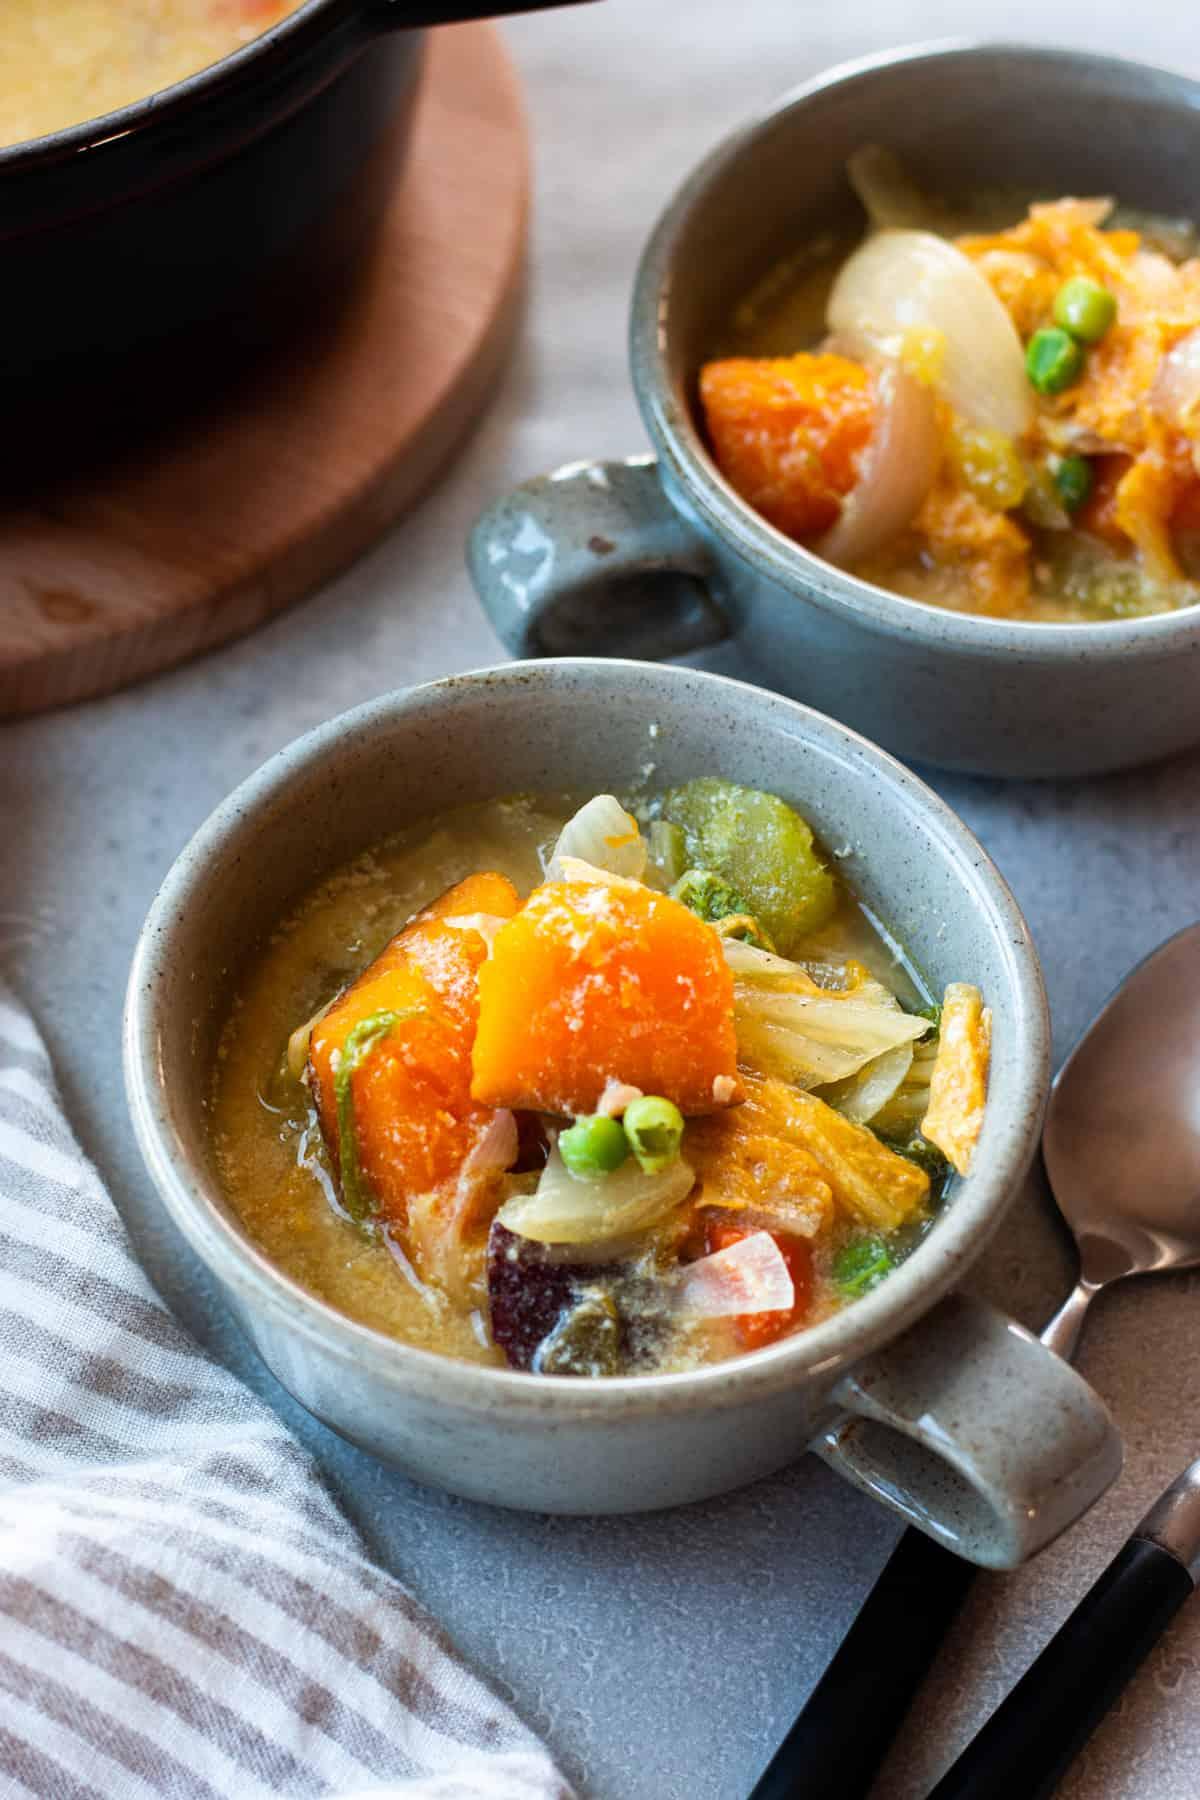 スープ皿に取り分けられたかぼちゃと豆乳の味噌汁。かぼちゃ、グリーンピース、白菜など野菜たっぷりのスープ。